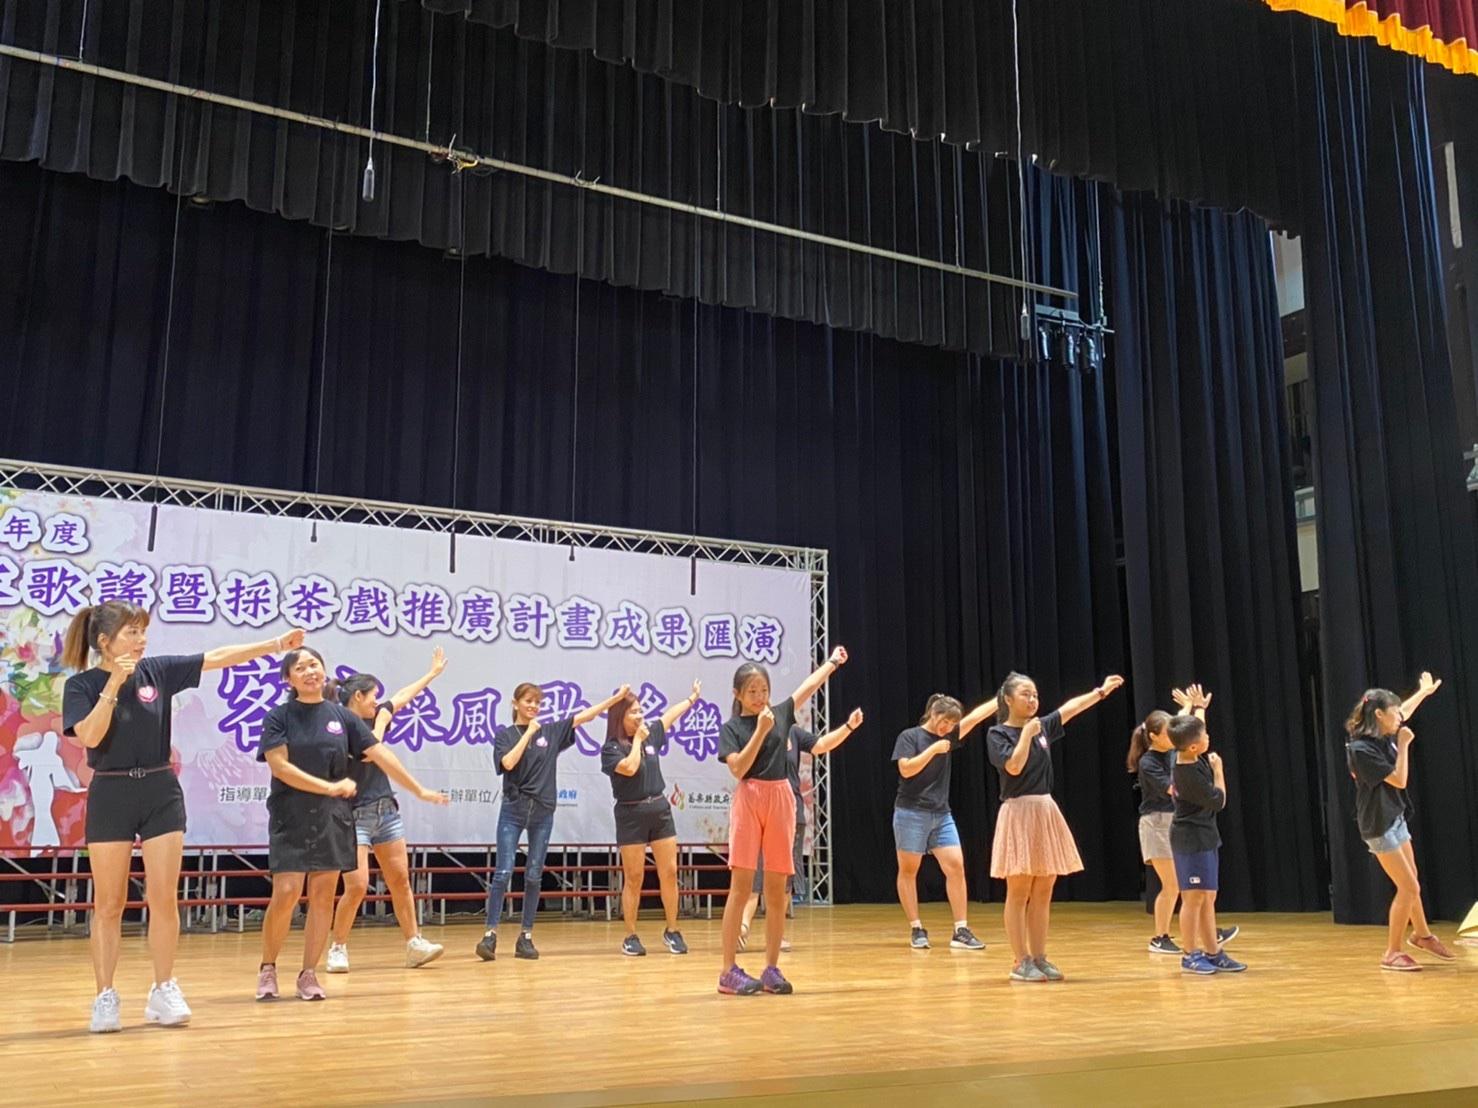 「台灣心客家情」舞台劇落幕,人生的戲繼續上演中